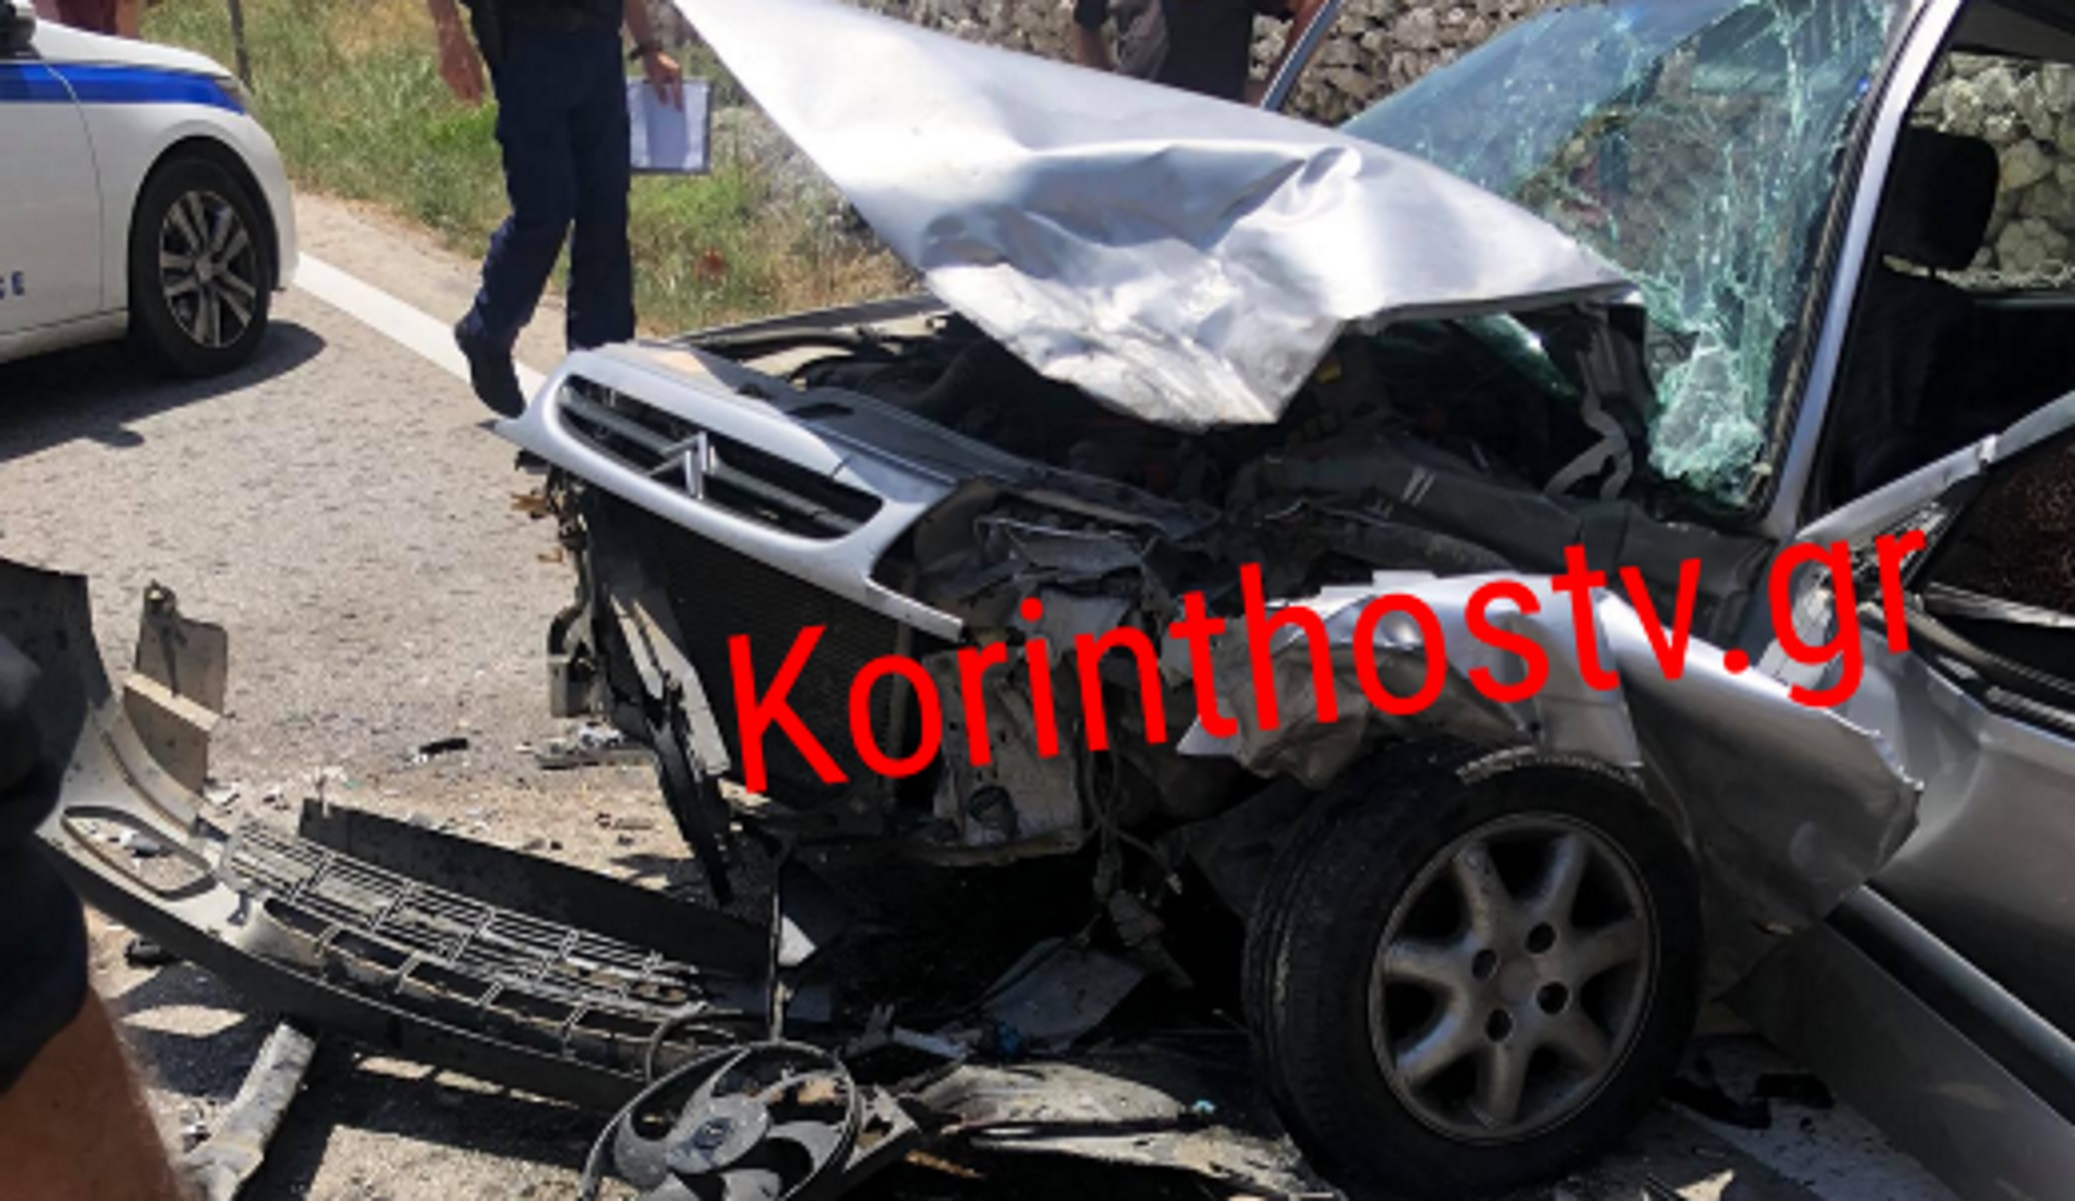 Κόρινθος: Μία τραυματίας σε ανατριχιαστικό τροχαίο – Παραμορφωμένες λαμαρίνες δύο αυτοκίνητα (pics)